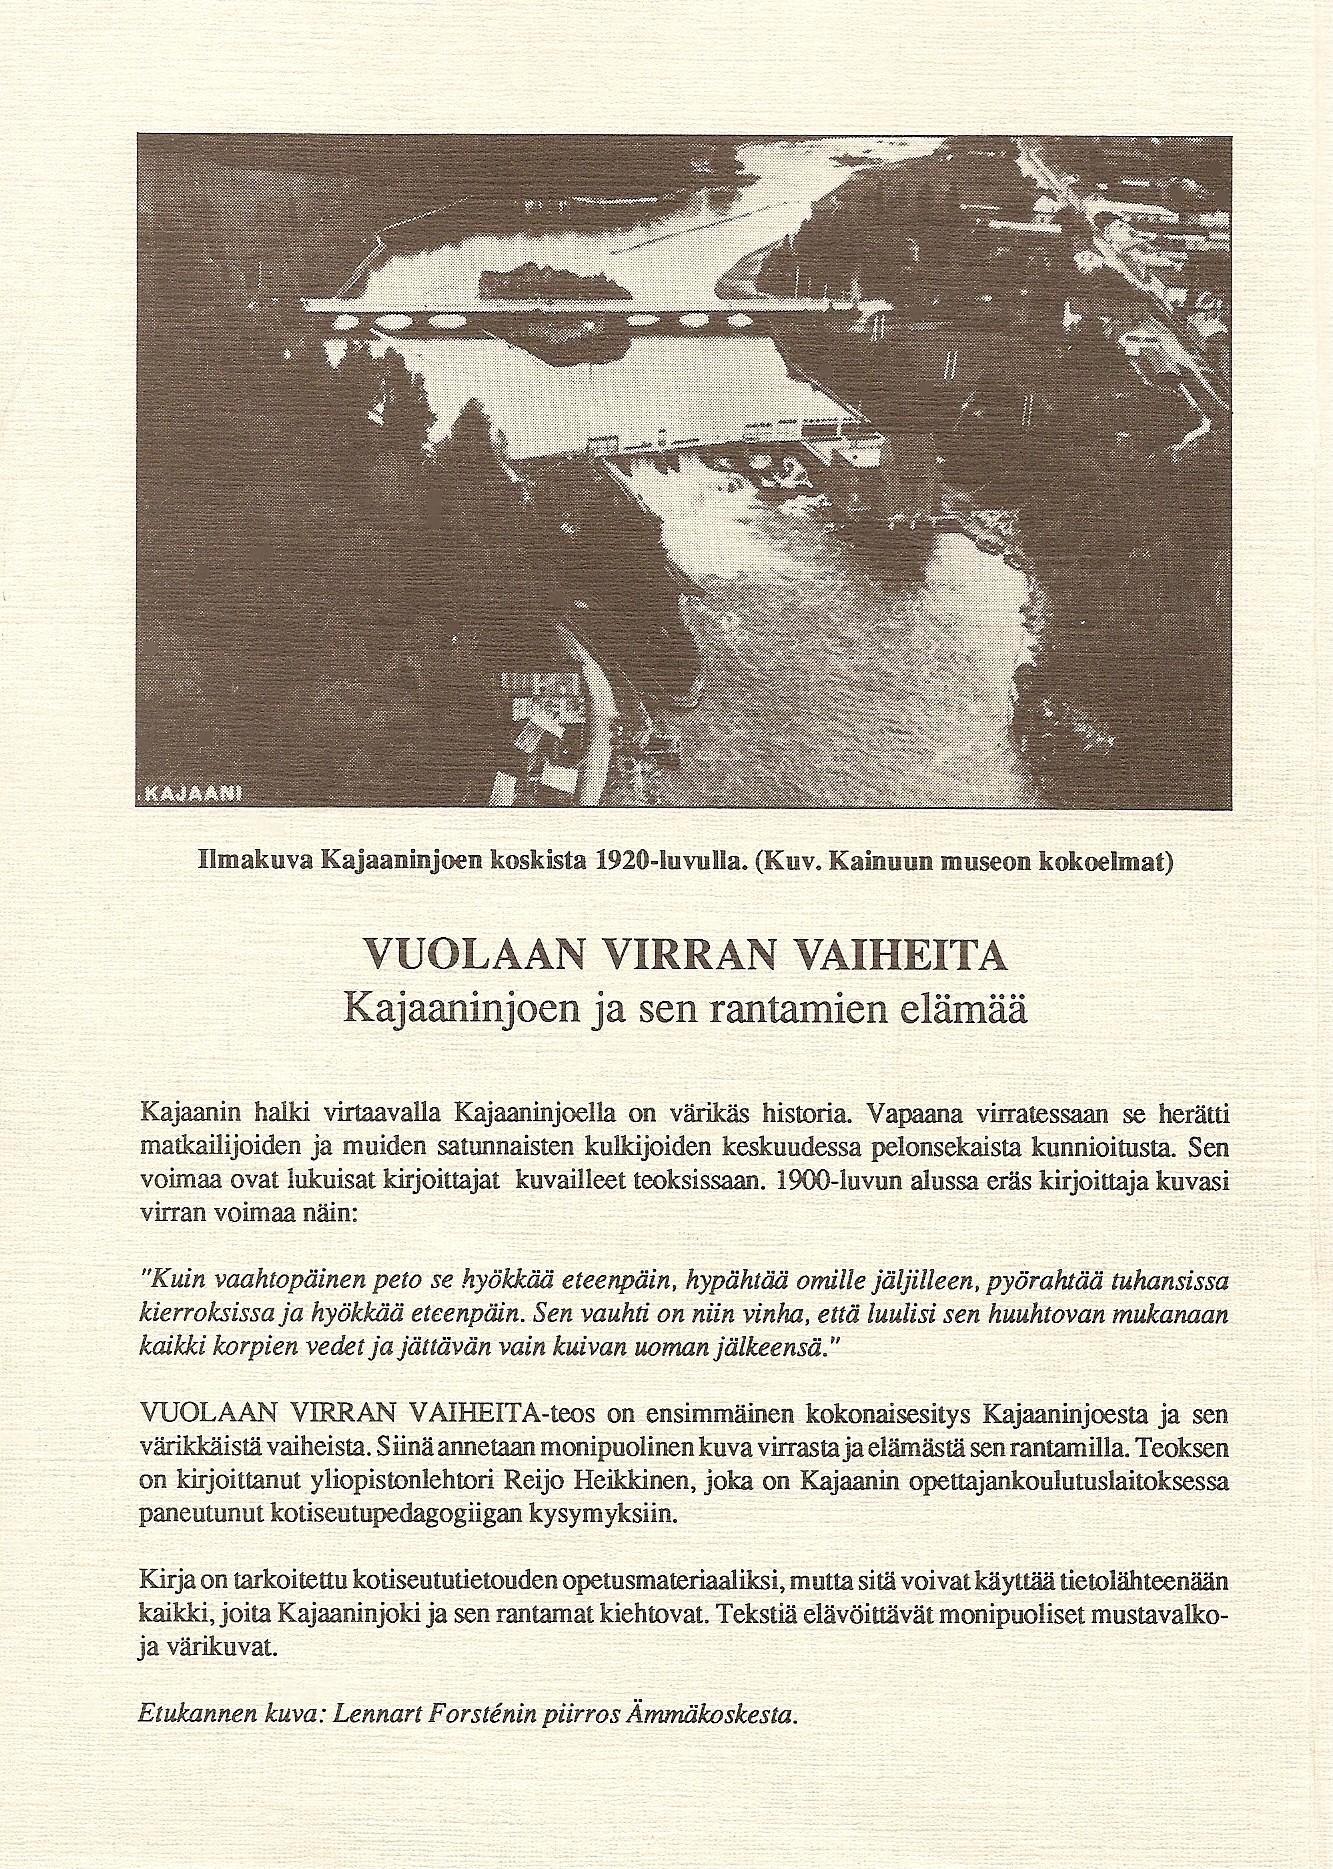 Vuolaan virran vaiheita 1991 takakansi